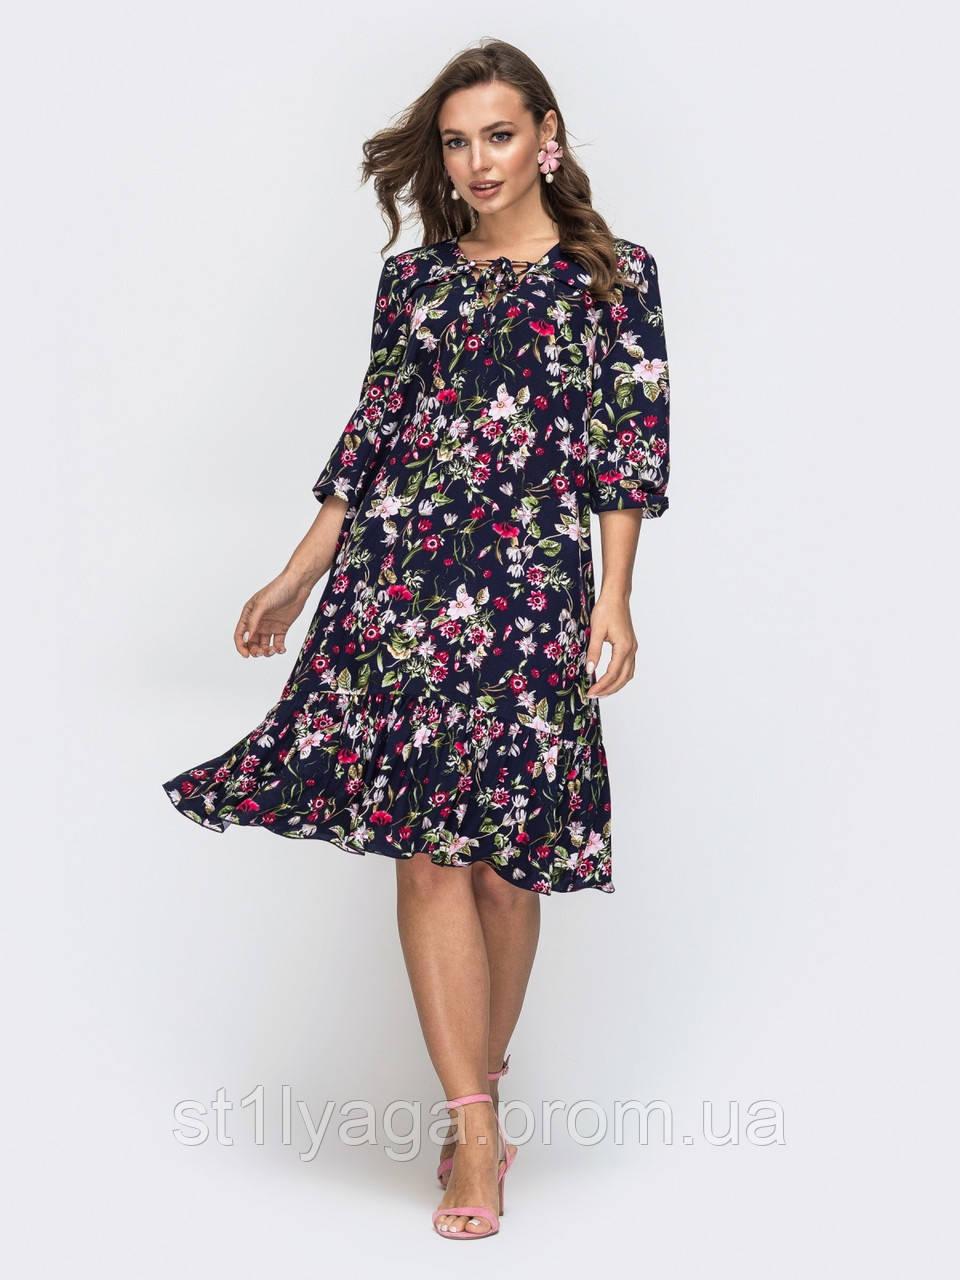 Платье миди с рукавом три четверти в цветочном принте темно-синий